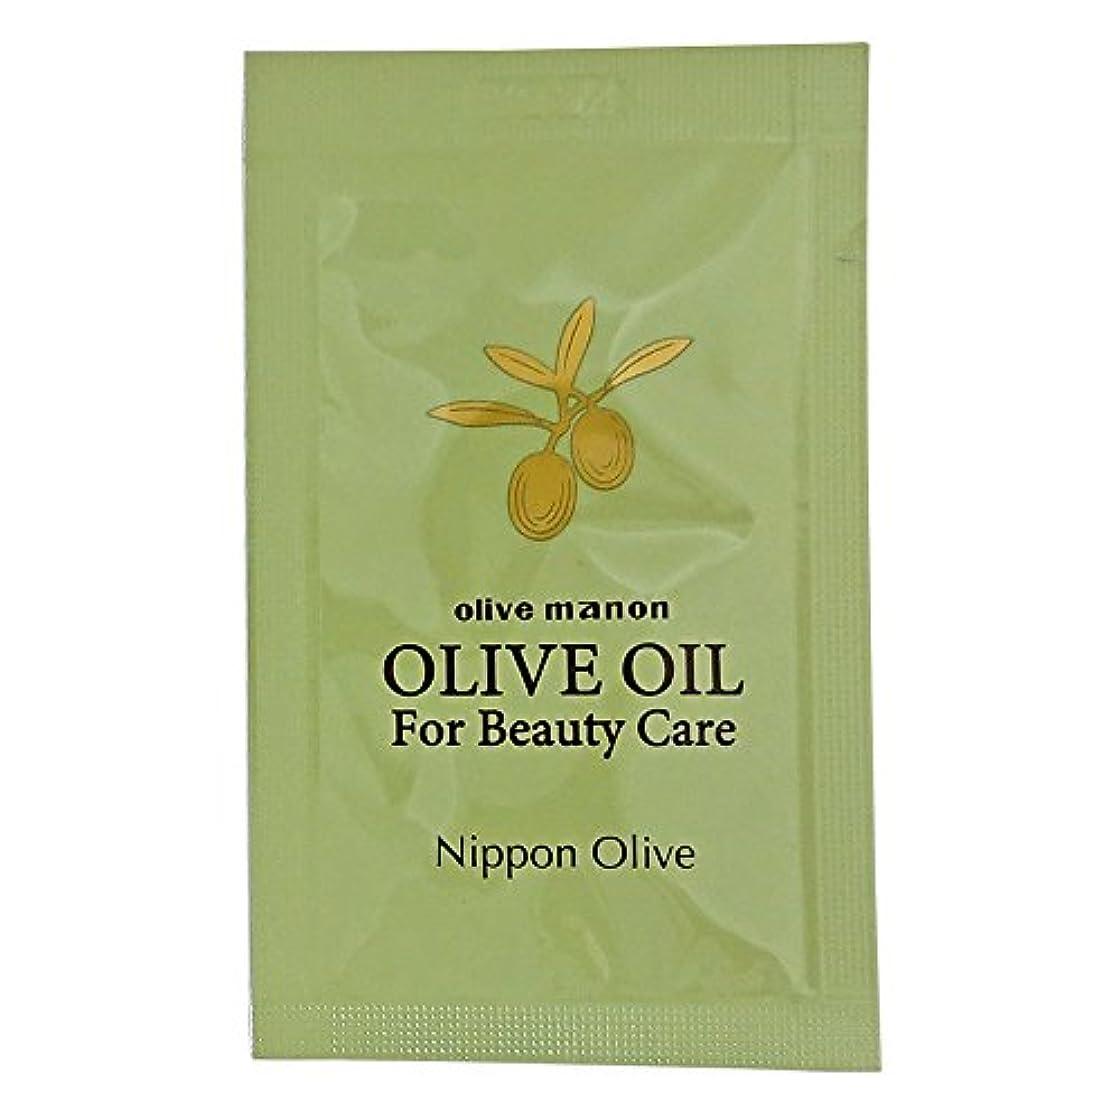 コンデンサー自分のために寓話日本オリーブ オリーブマノン 化粧用オリーブオイル<化粧用油>4ml